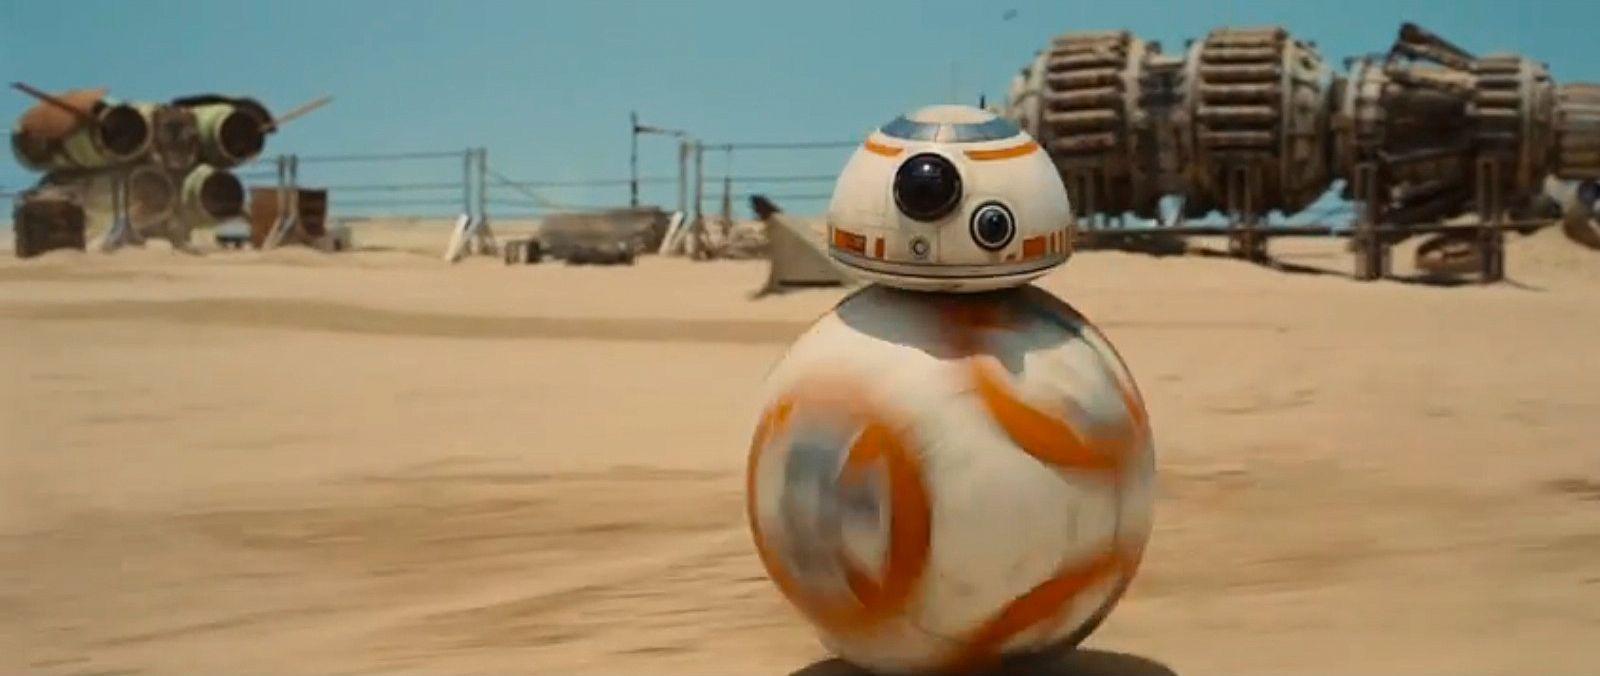 EINMALIGE VERWENDUNG Kino/ Star Wars: Das Erwachen der Macht/ Episode 7/ Screenshot Trailer